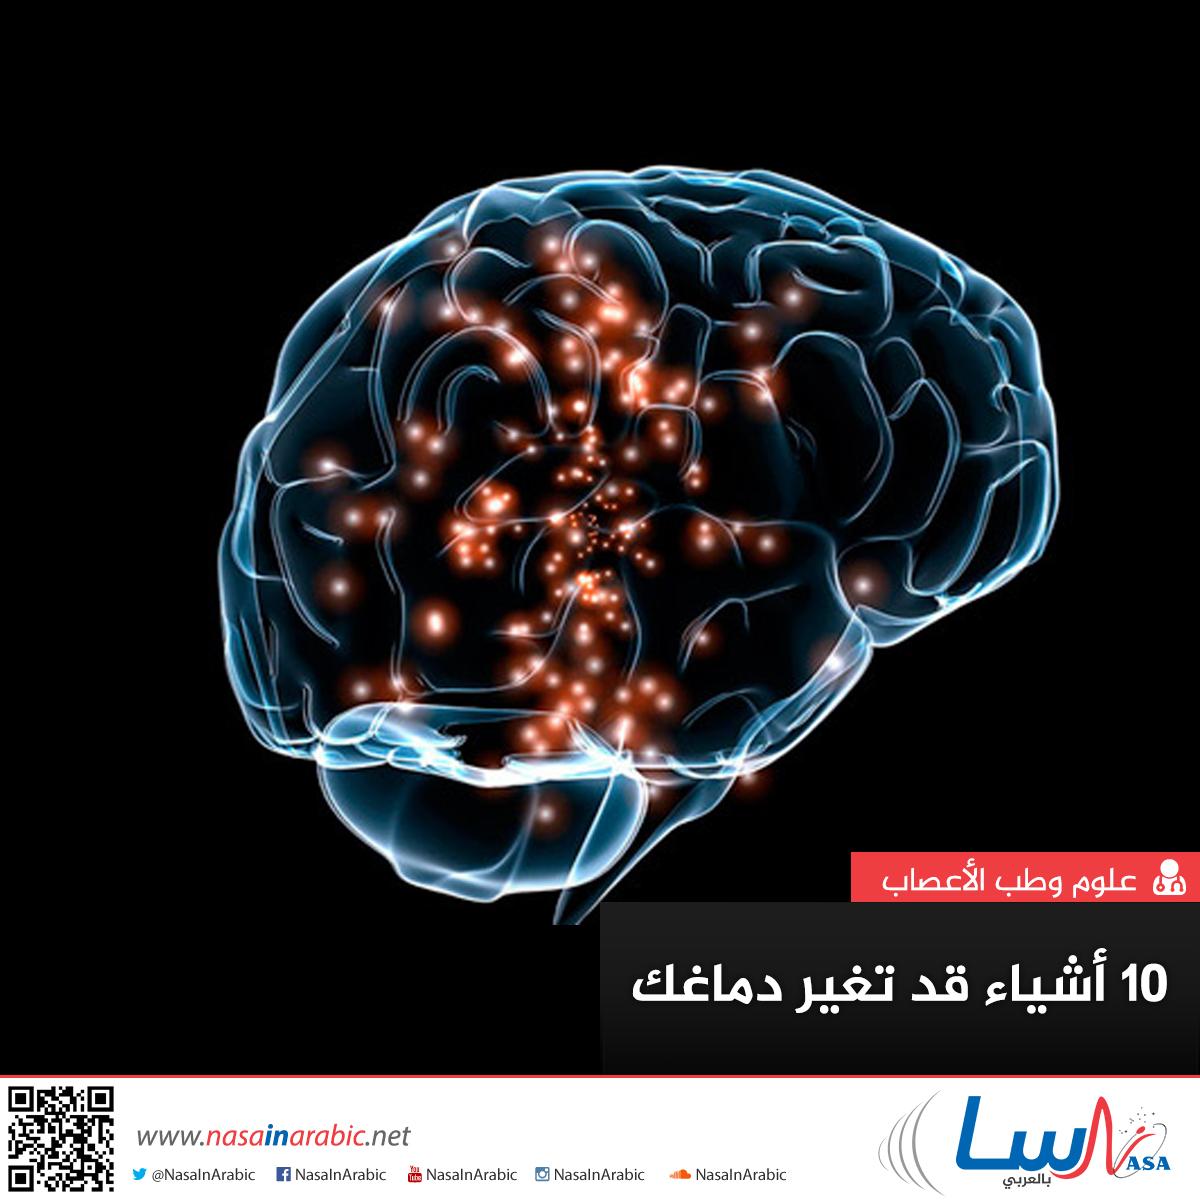 10 أشياء قد تغير دماغك